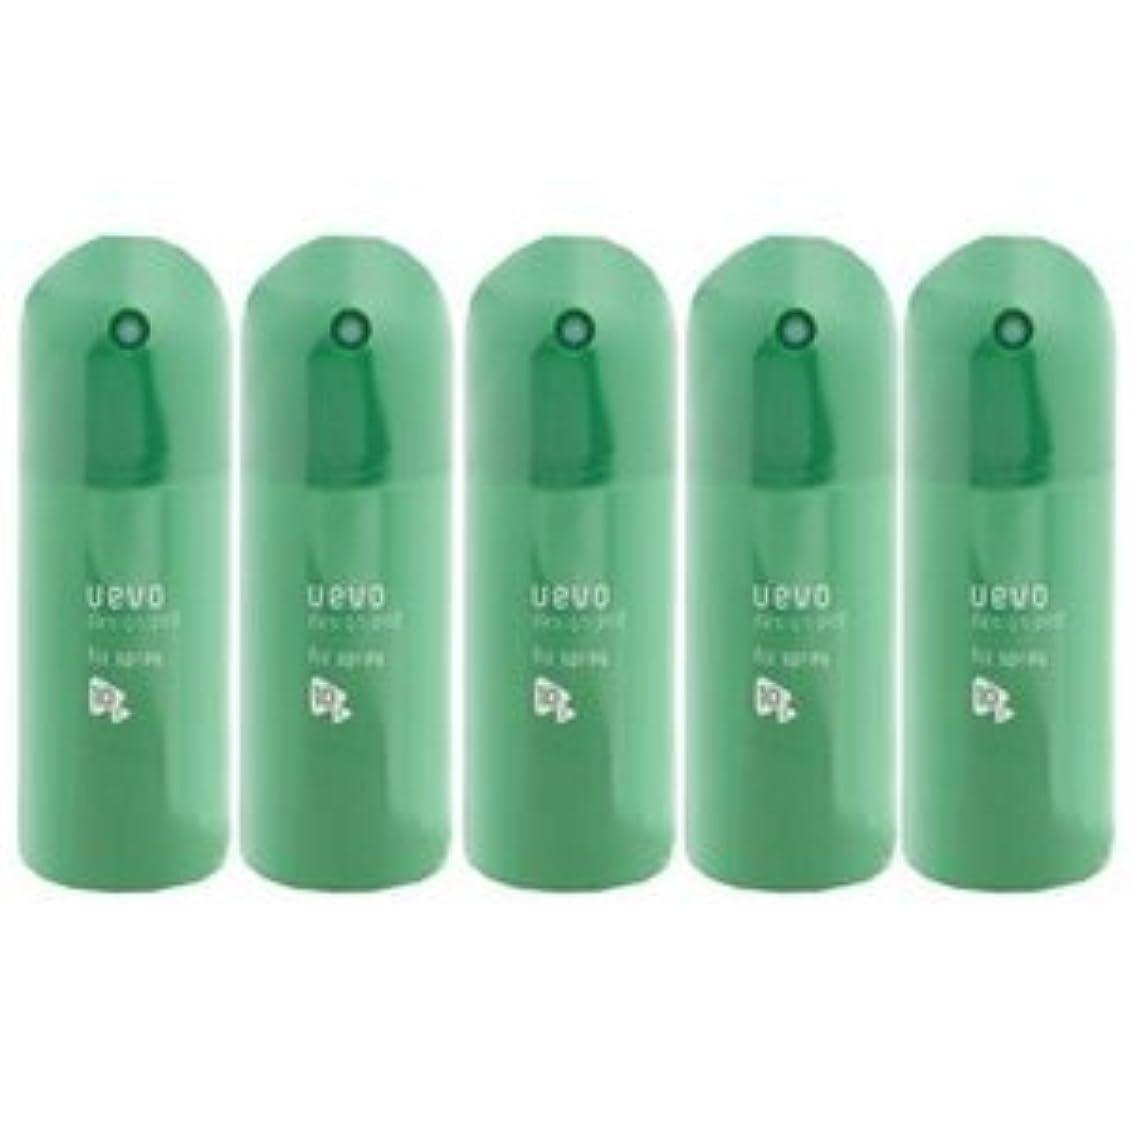 おじいちゃんガロンそよ風【X5個セット】 デミ ウェーボ デザインポッド フィックススプレー 220ml fix spray